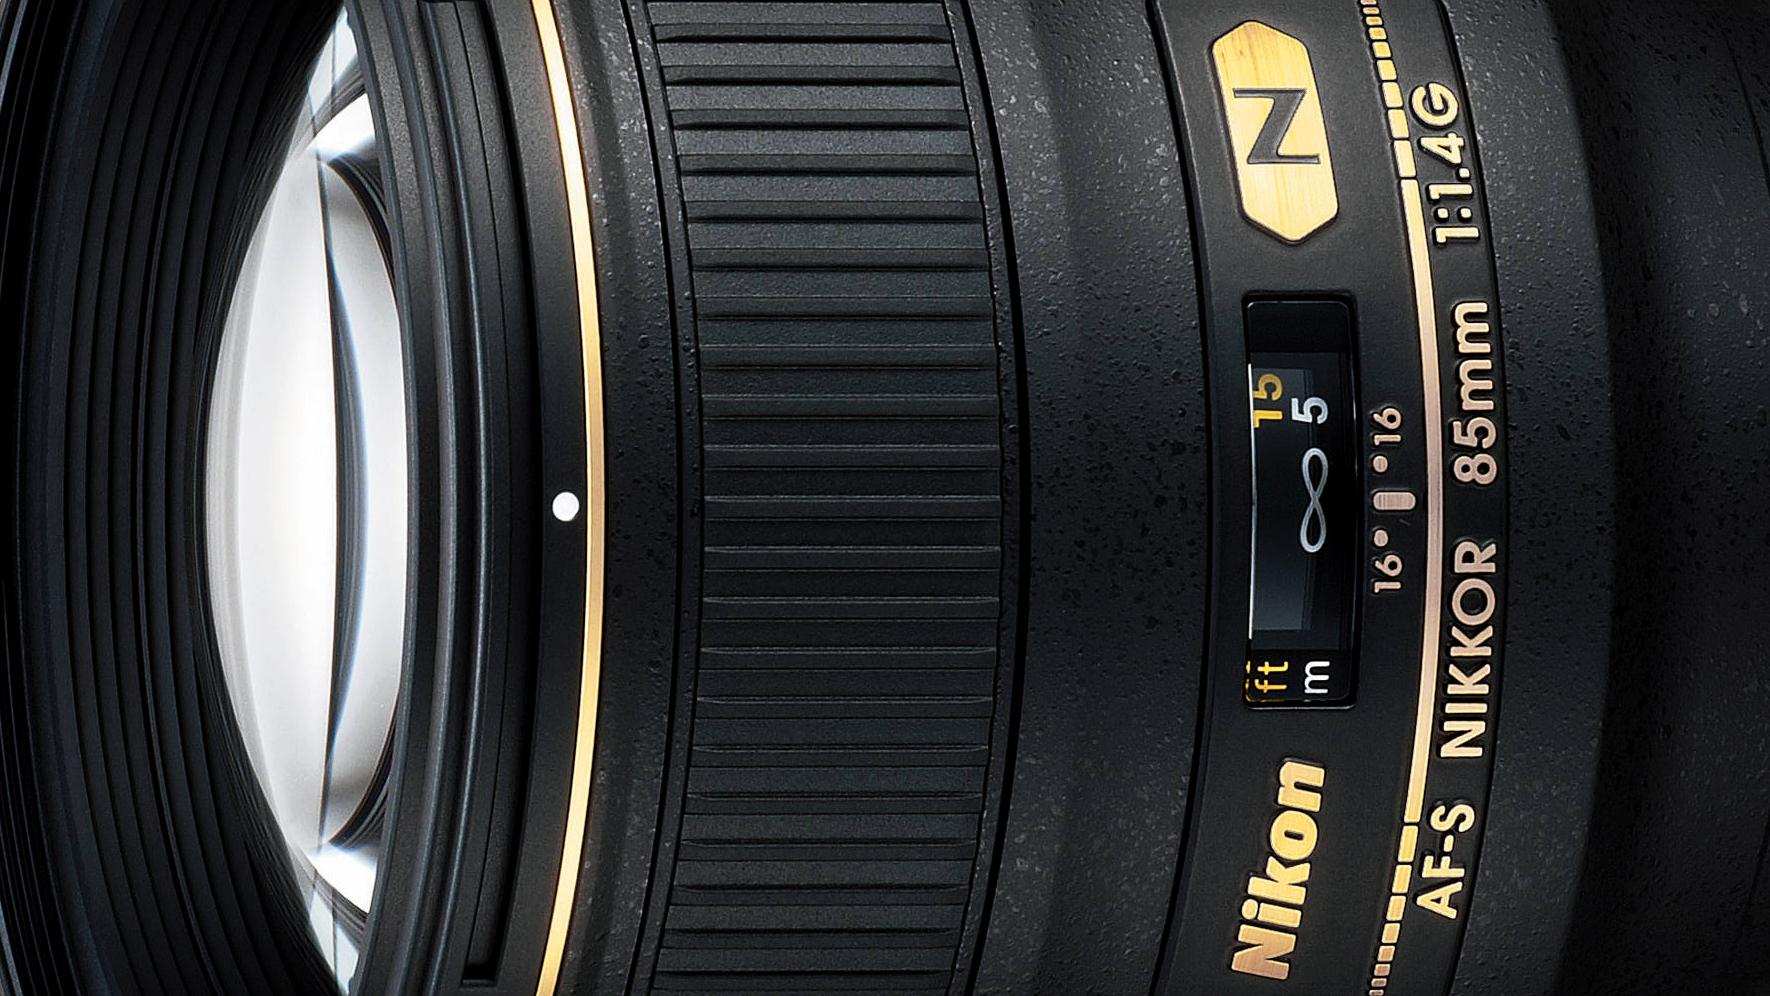 Nikon 85mm f/1,4 G